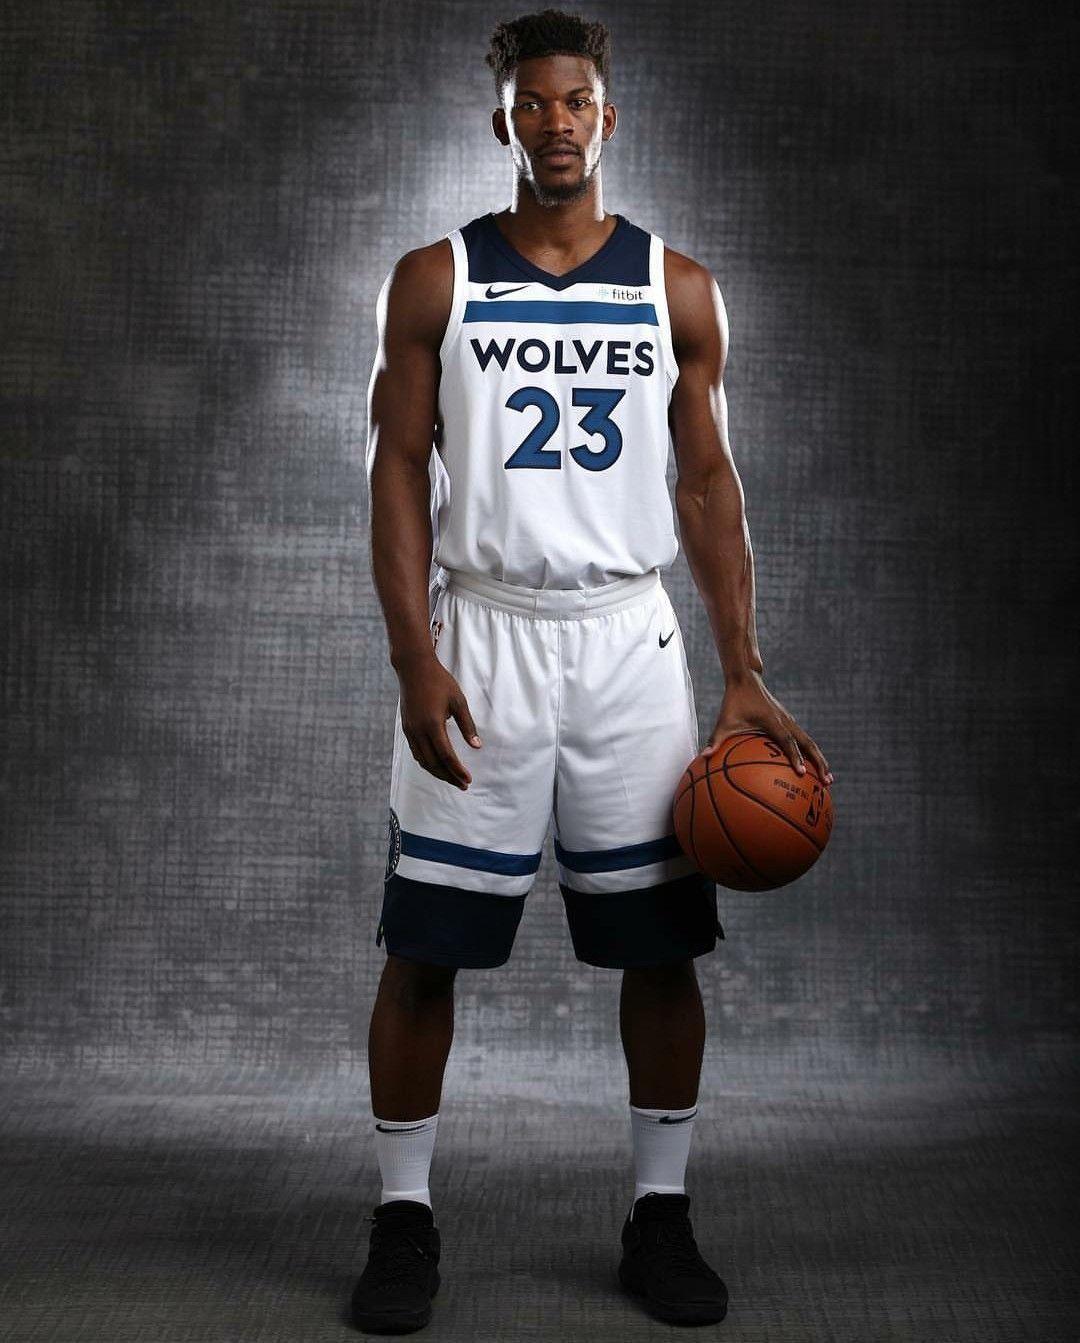 Jimmy Butler wallpaper probasketball Basketball jersey